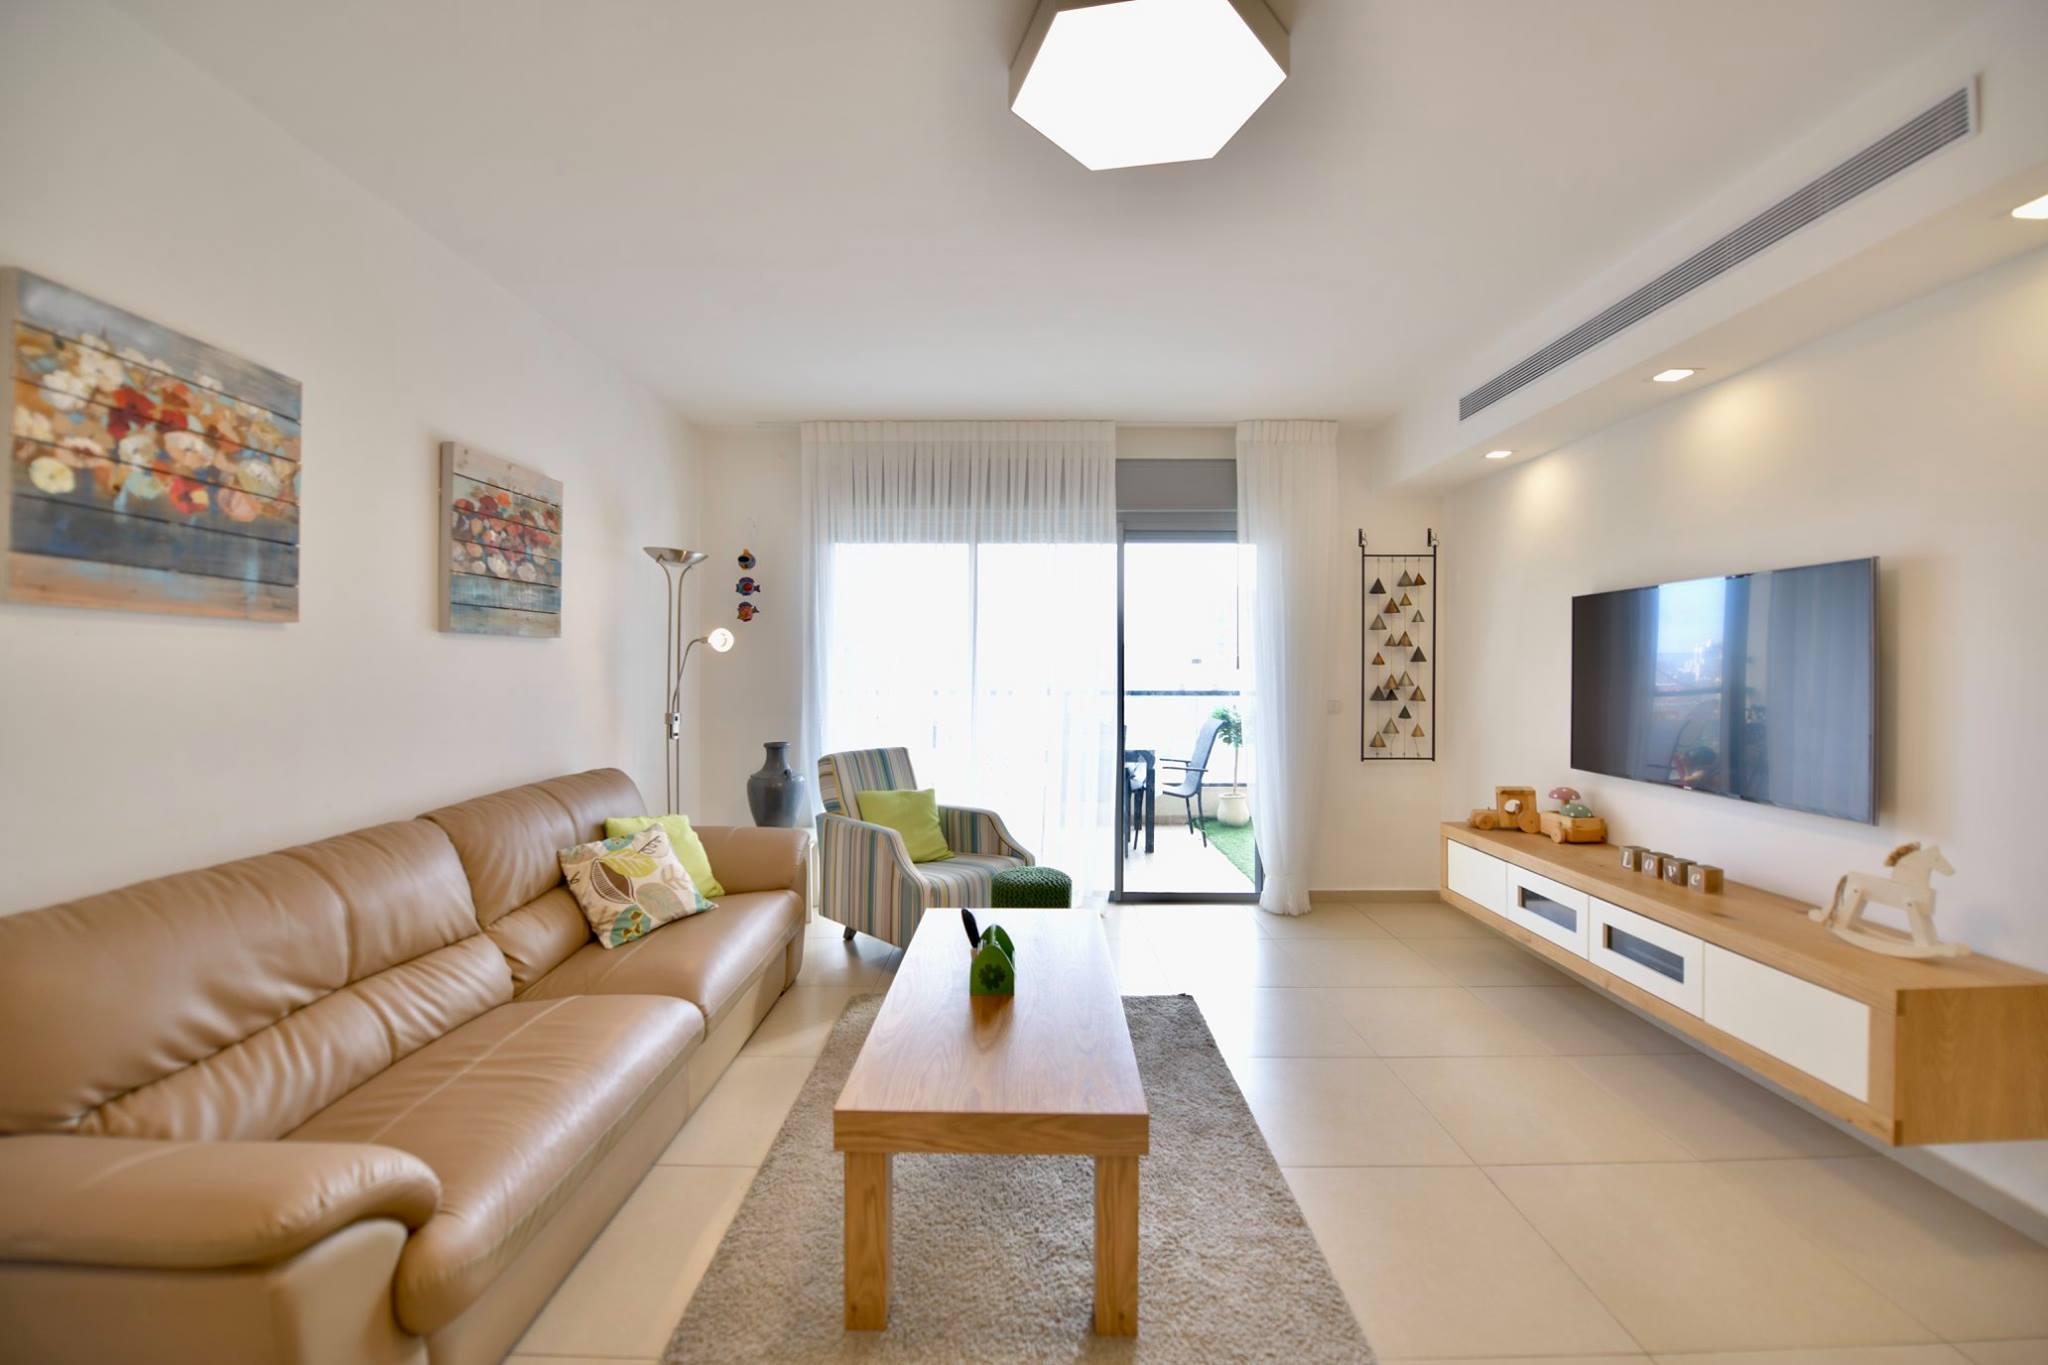 דירת 5 חדרים במקס שיין רחובות (2)